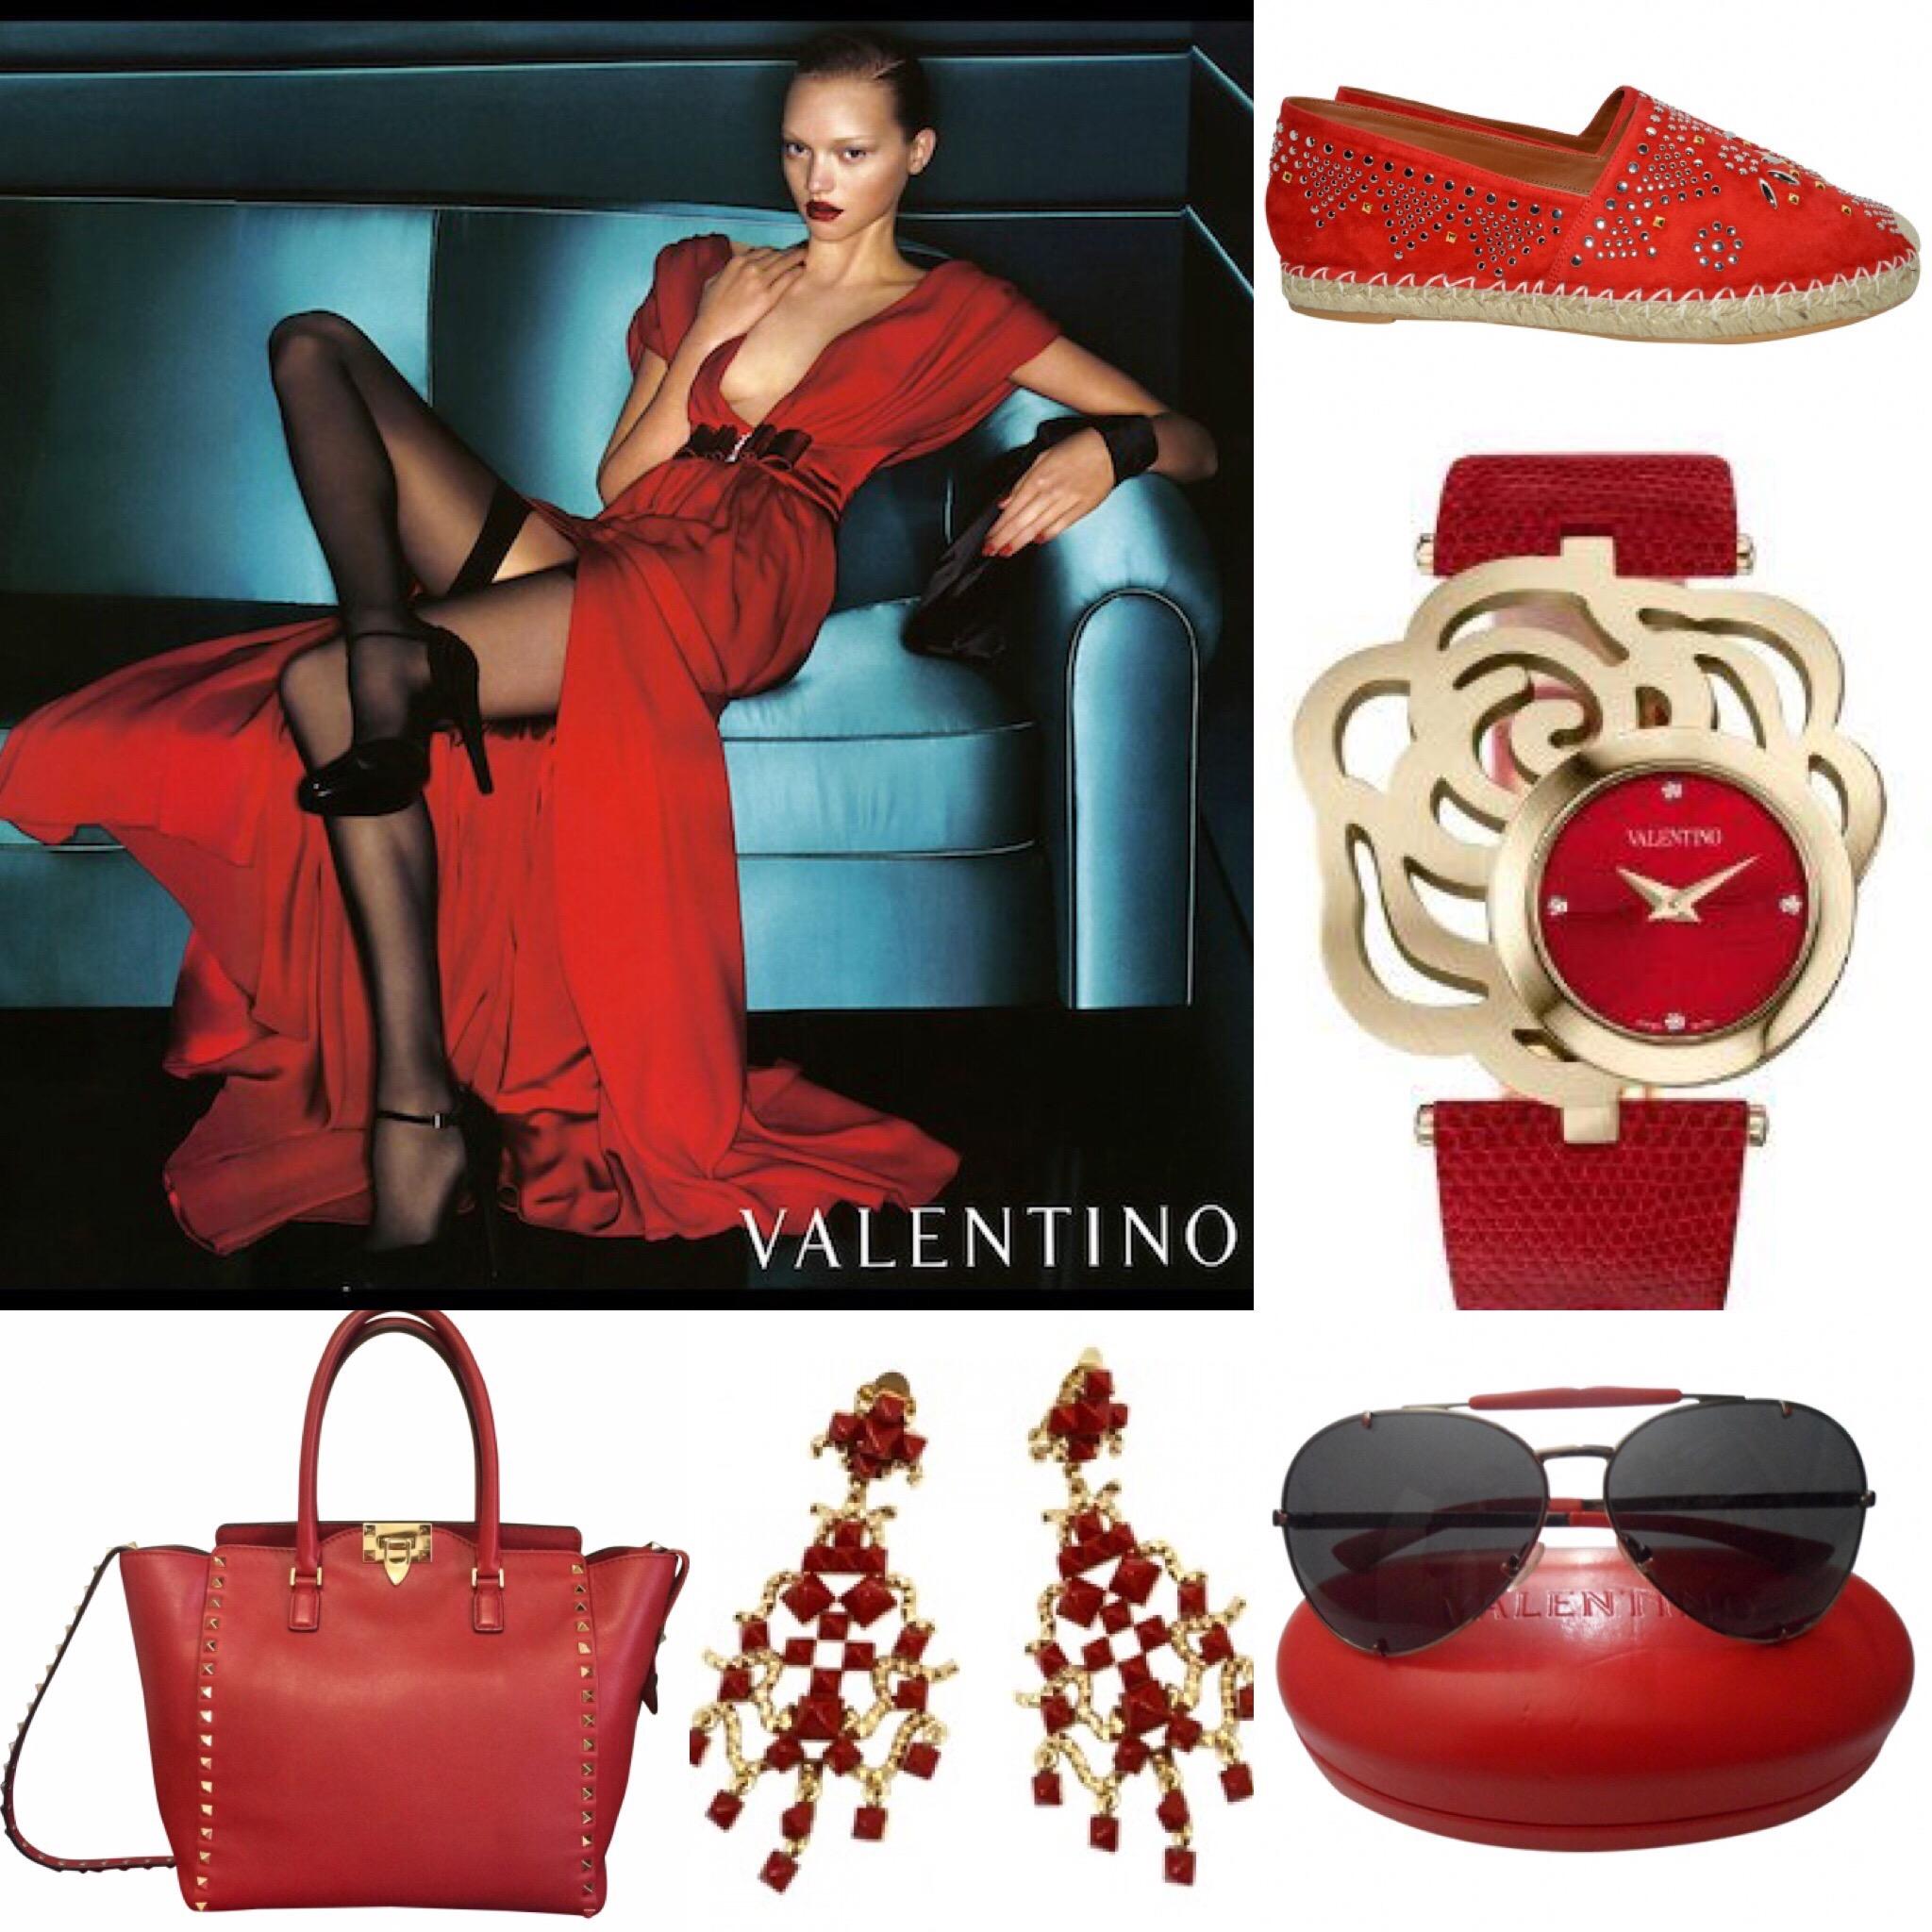 Valentino Beauty